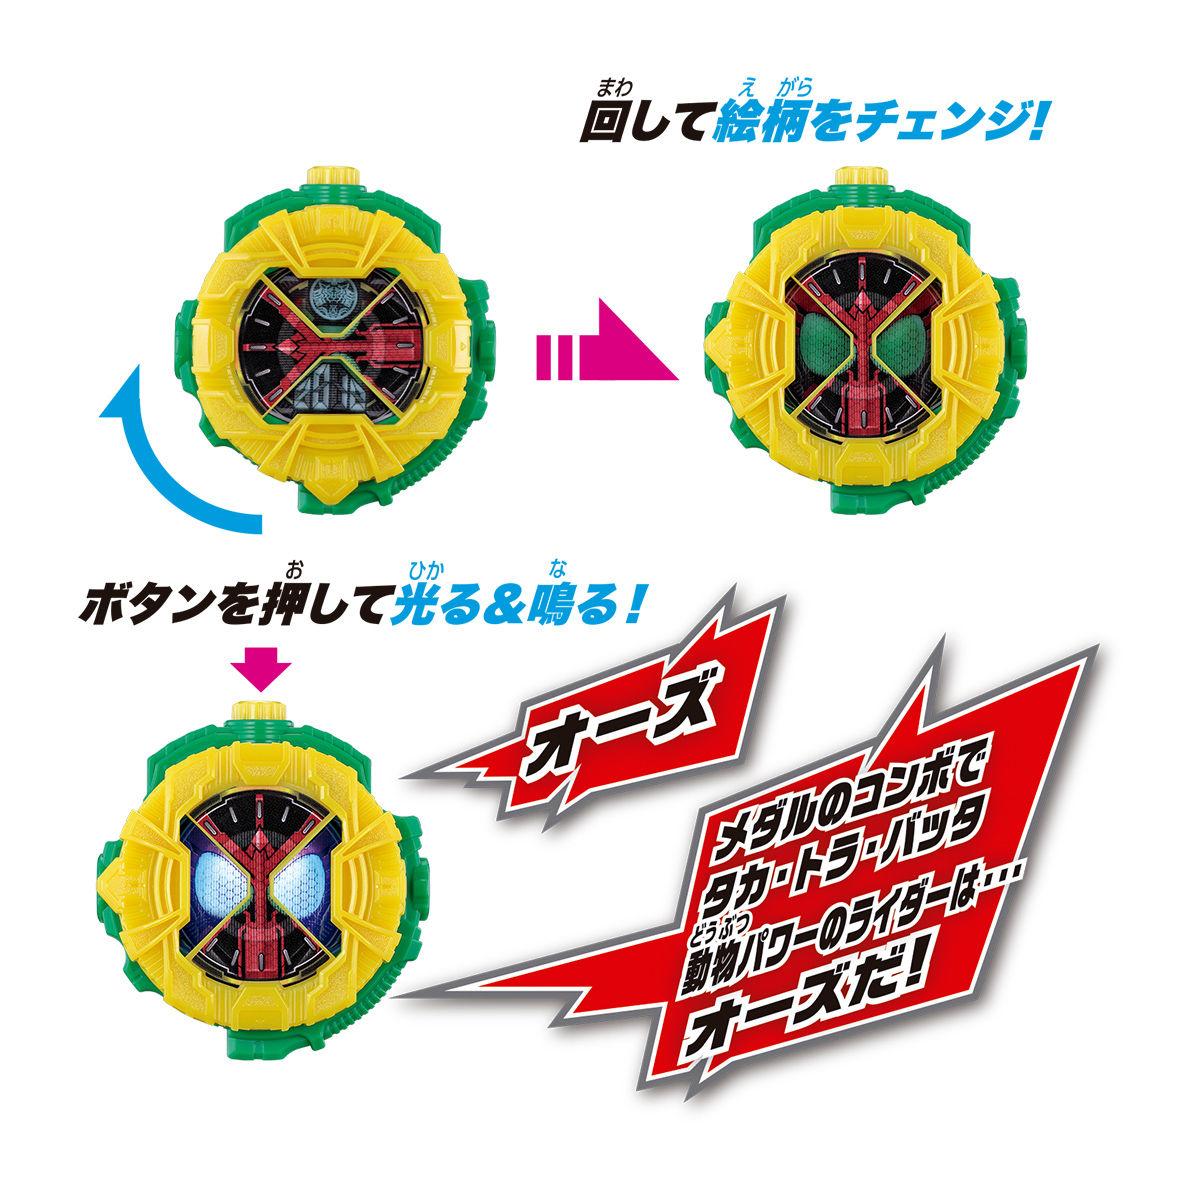 仮面ライダージオウ『DXタイムマジーン & オーズライドウォッチ』変身なりきり 可動フィギュア-010